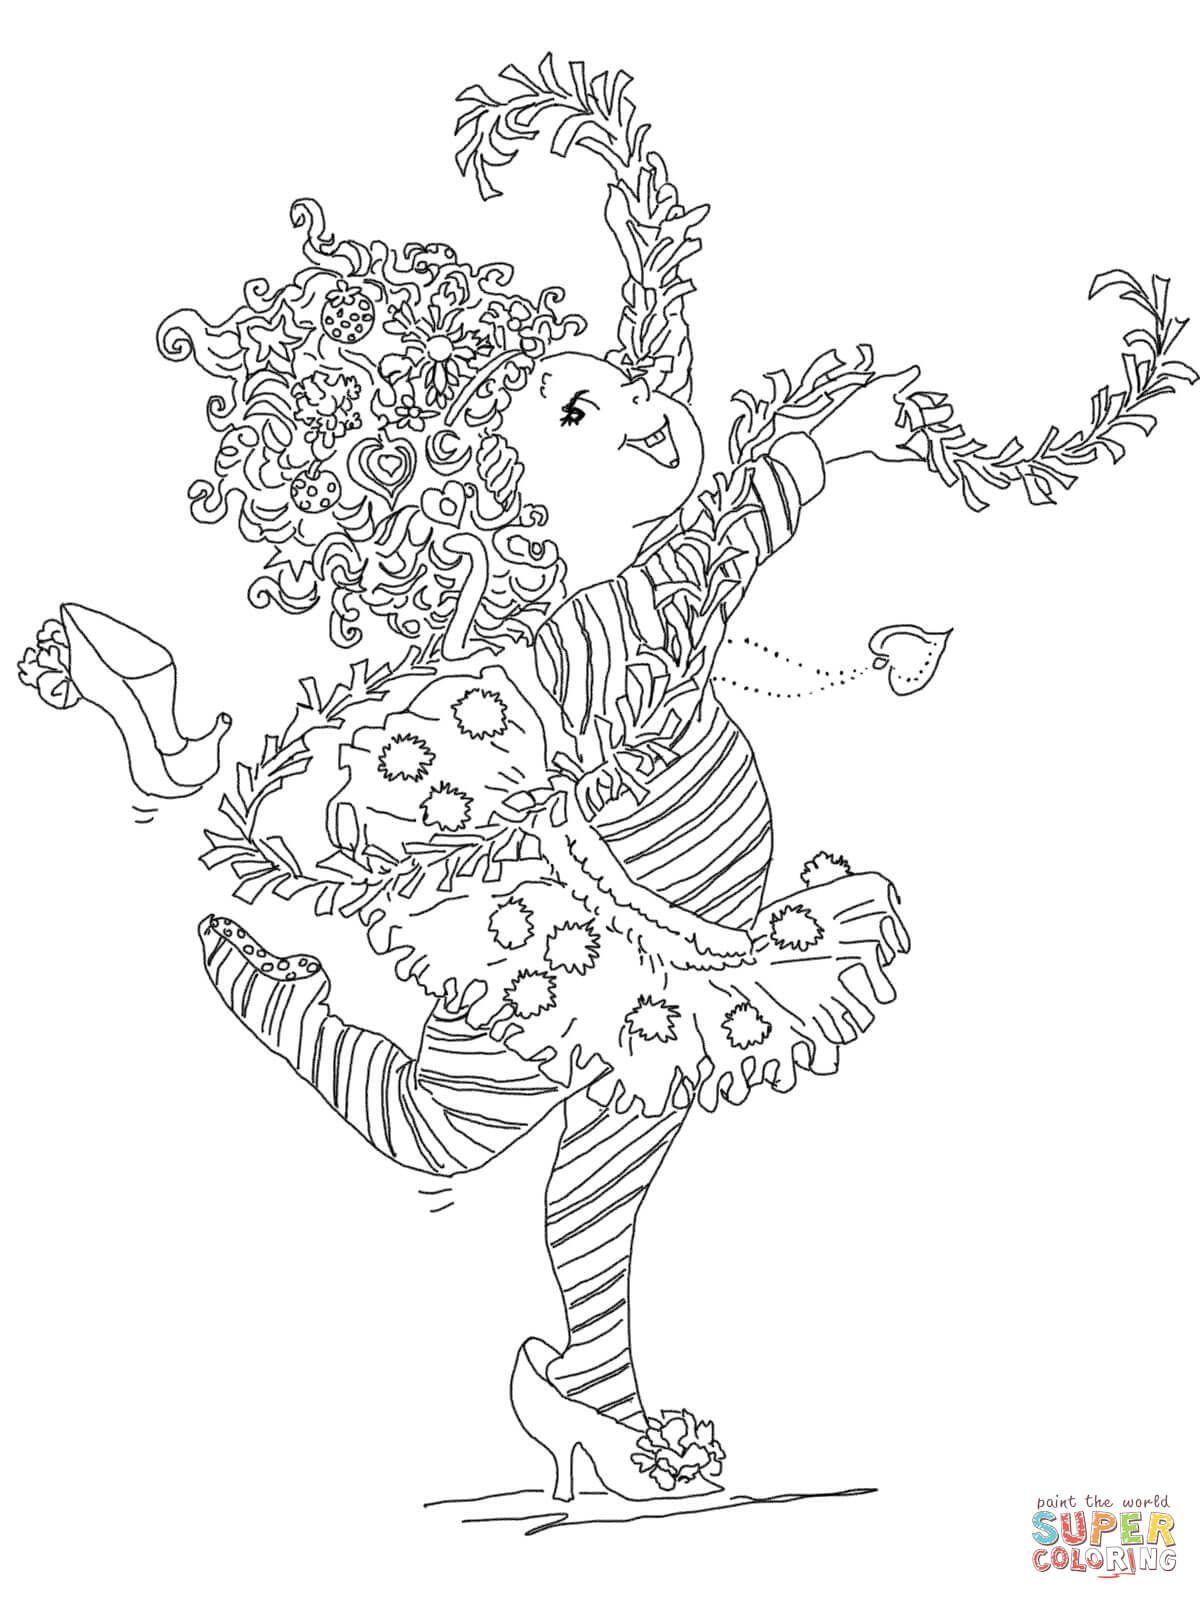 Fancy Nancy Super Coloring Fancy Nancy Coloring Pages Disney Coloring Pages [ 1600 x 1200 Pixel ]